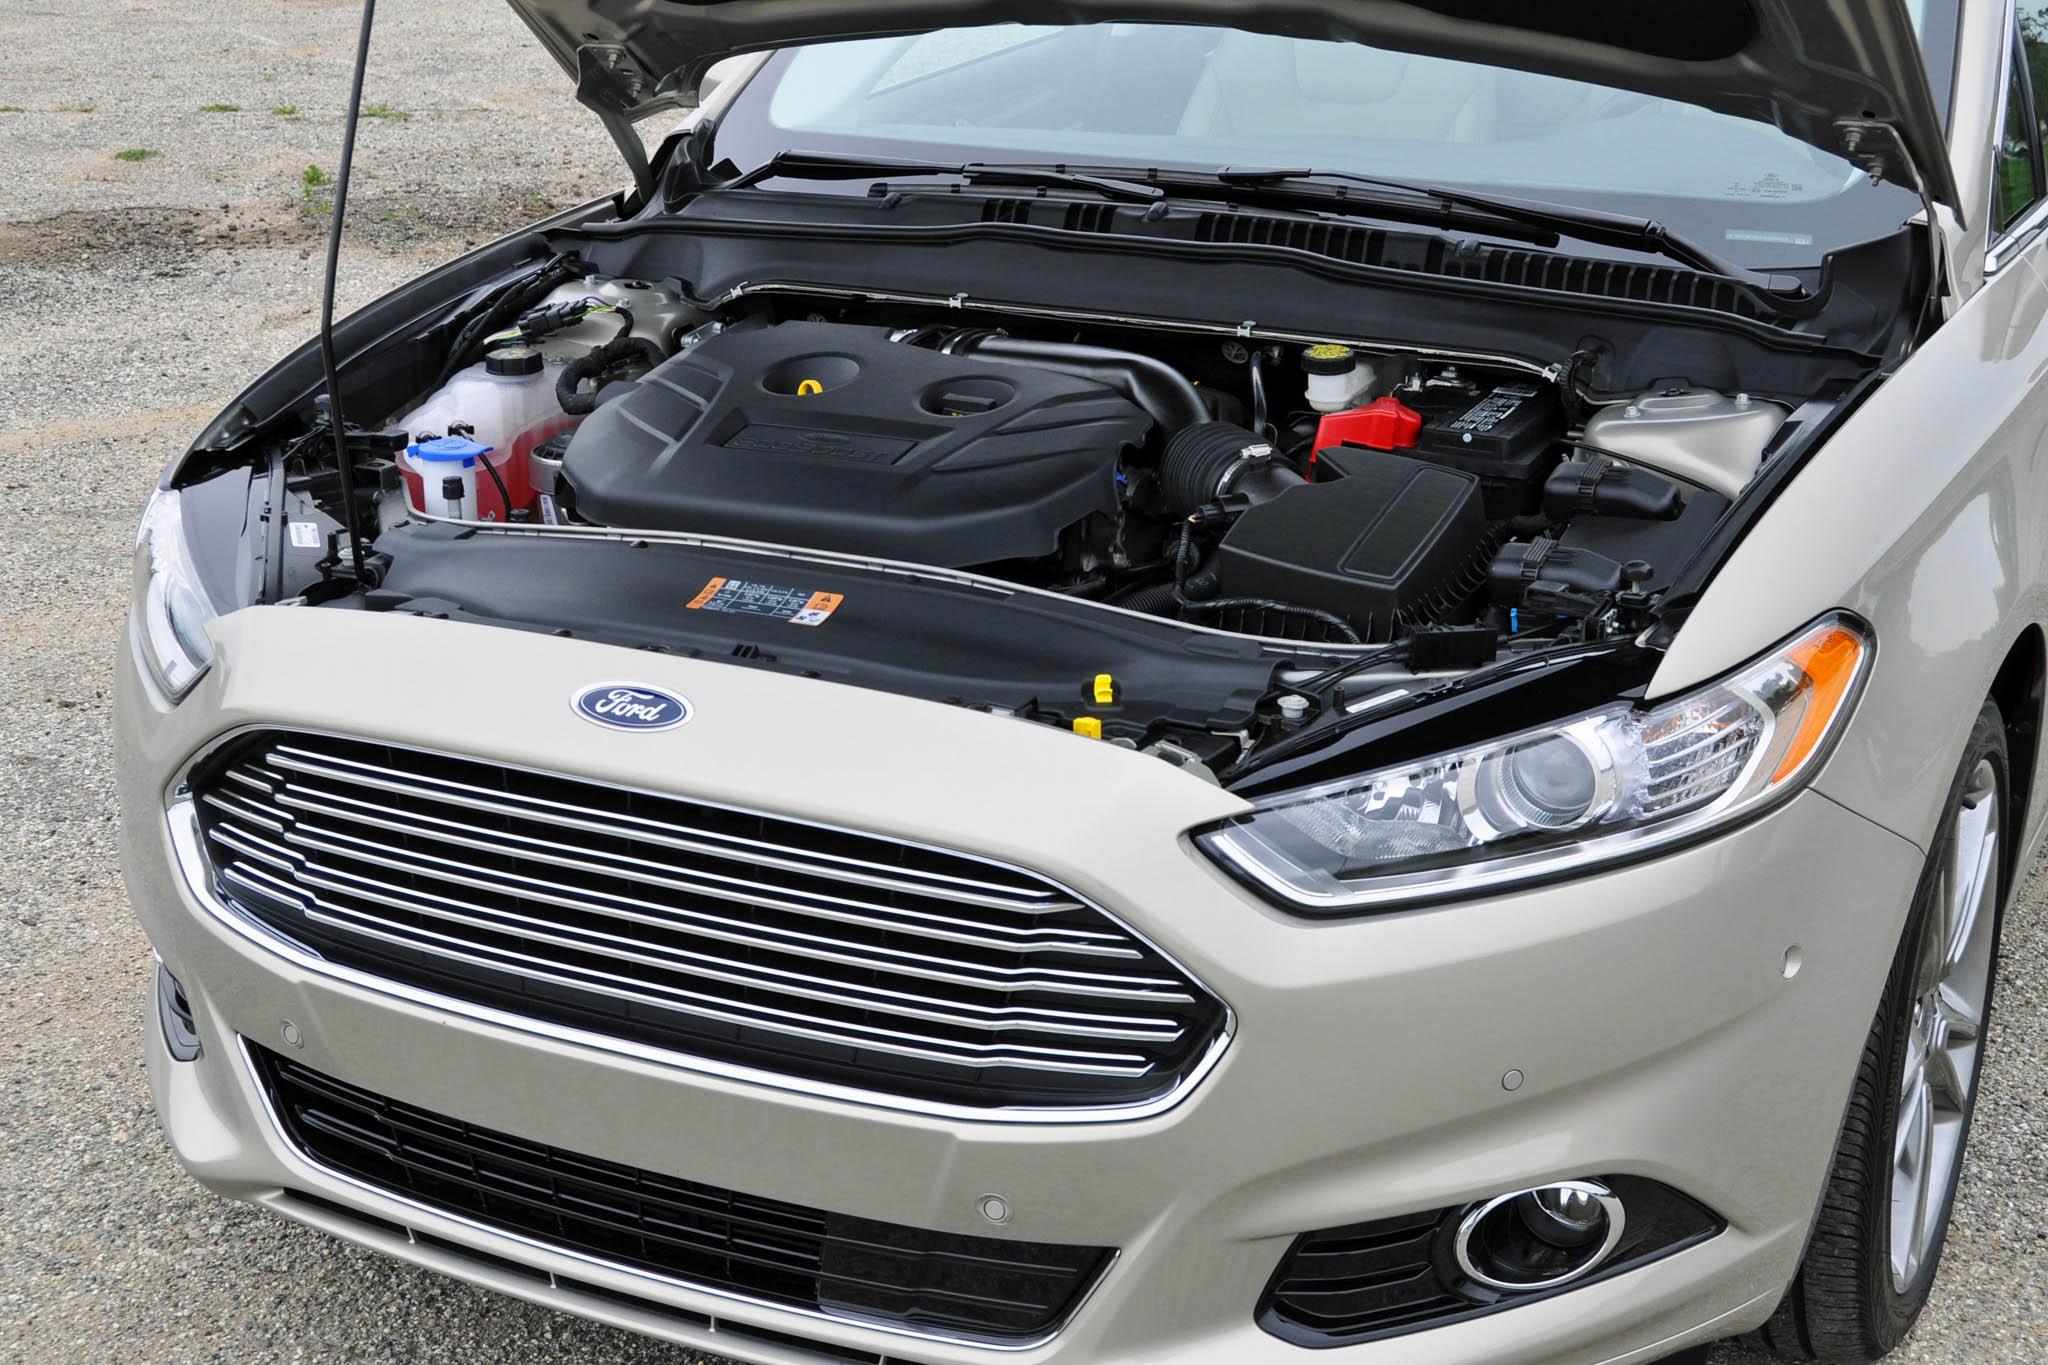 2007 Mazda 3 Wiring Diagram Underhood Diagrams Fuse Ford Fusion Engine Bmw M3 2010 Iat